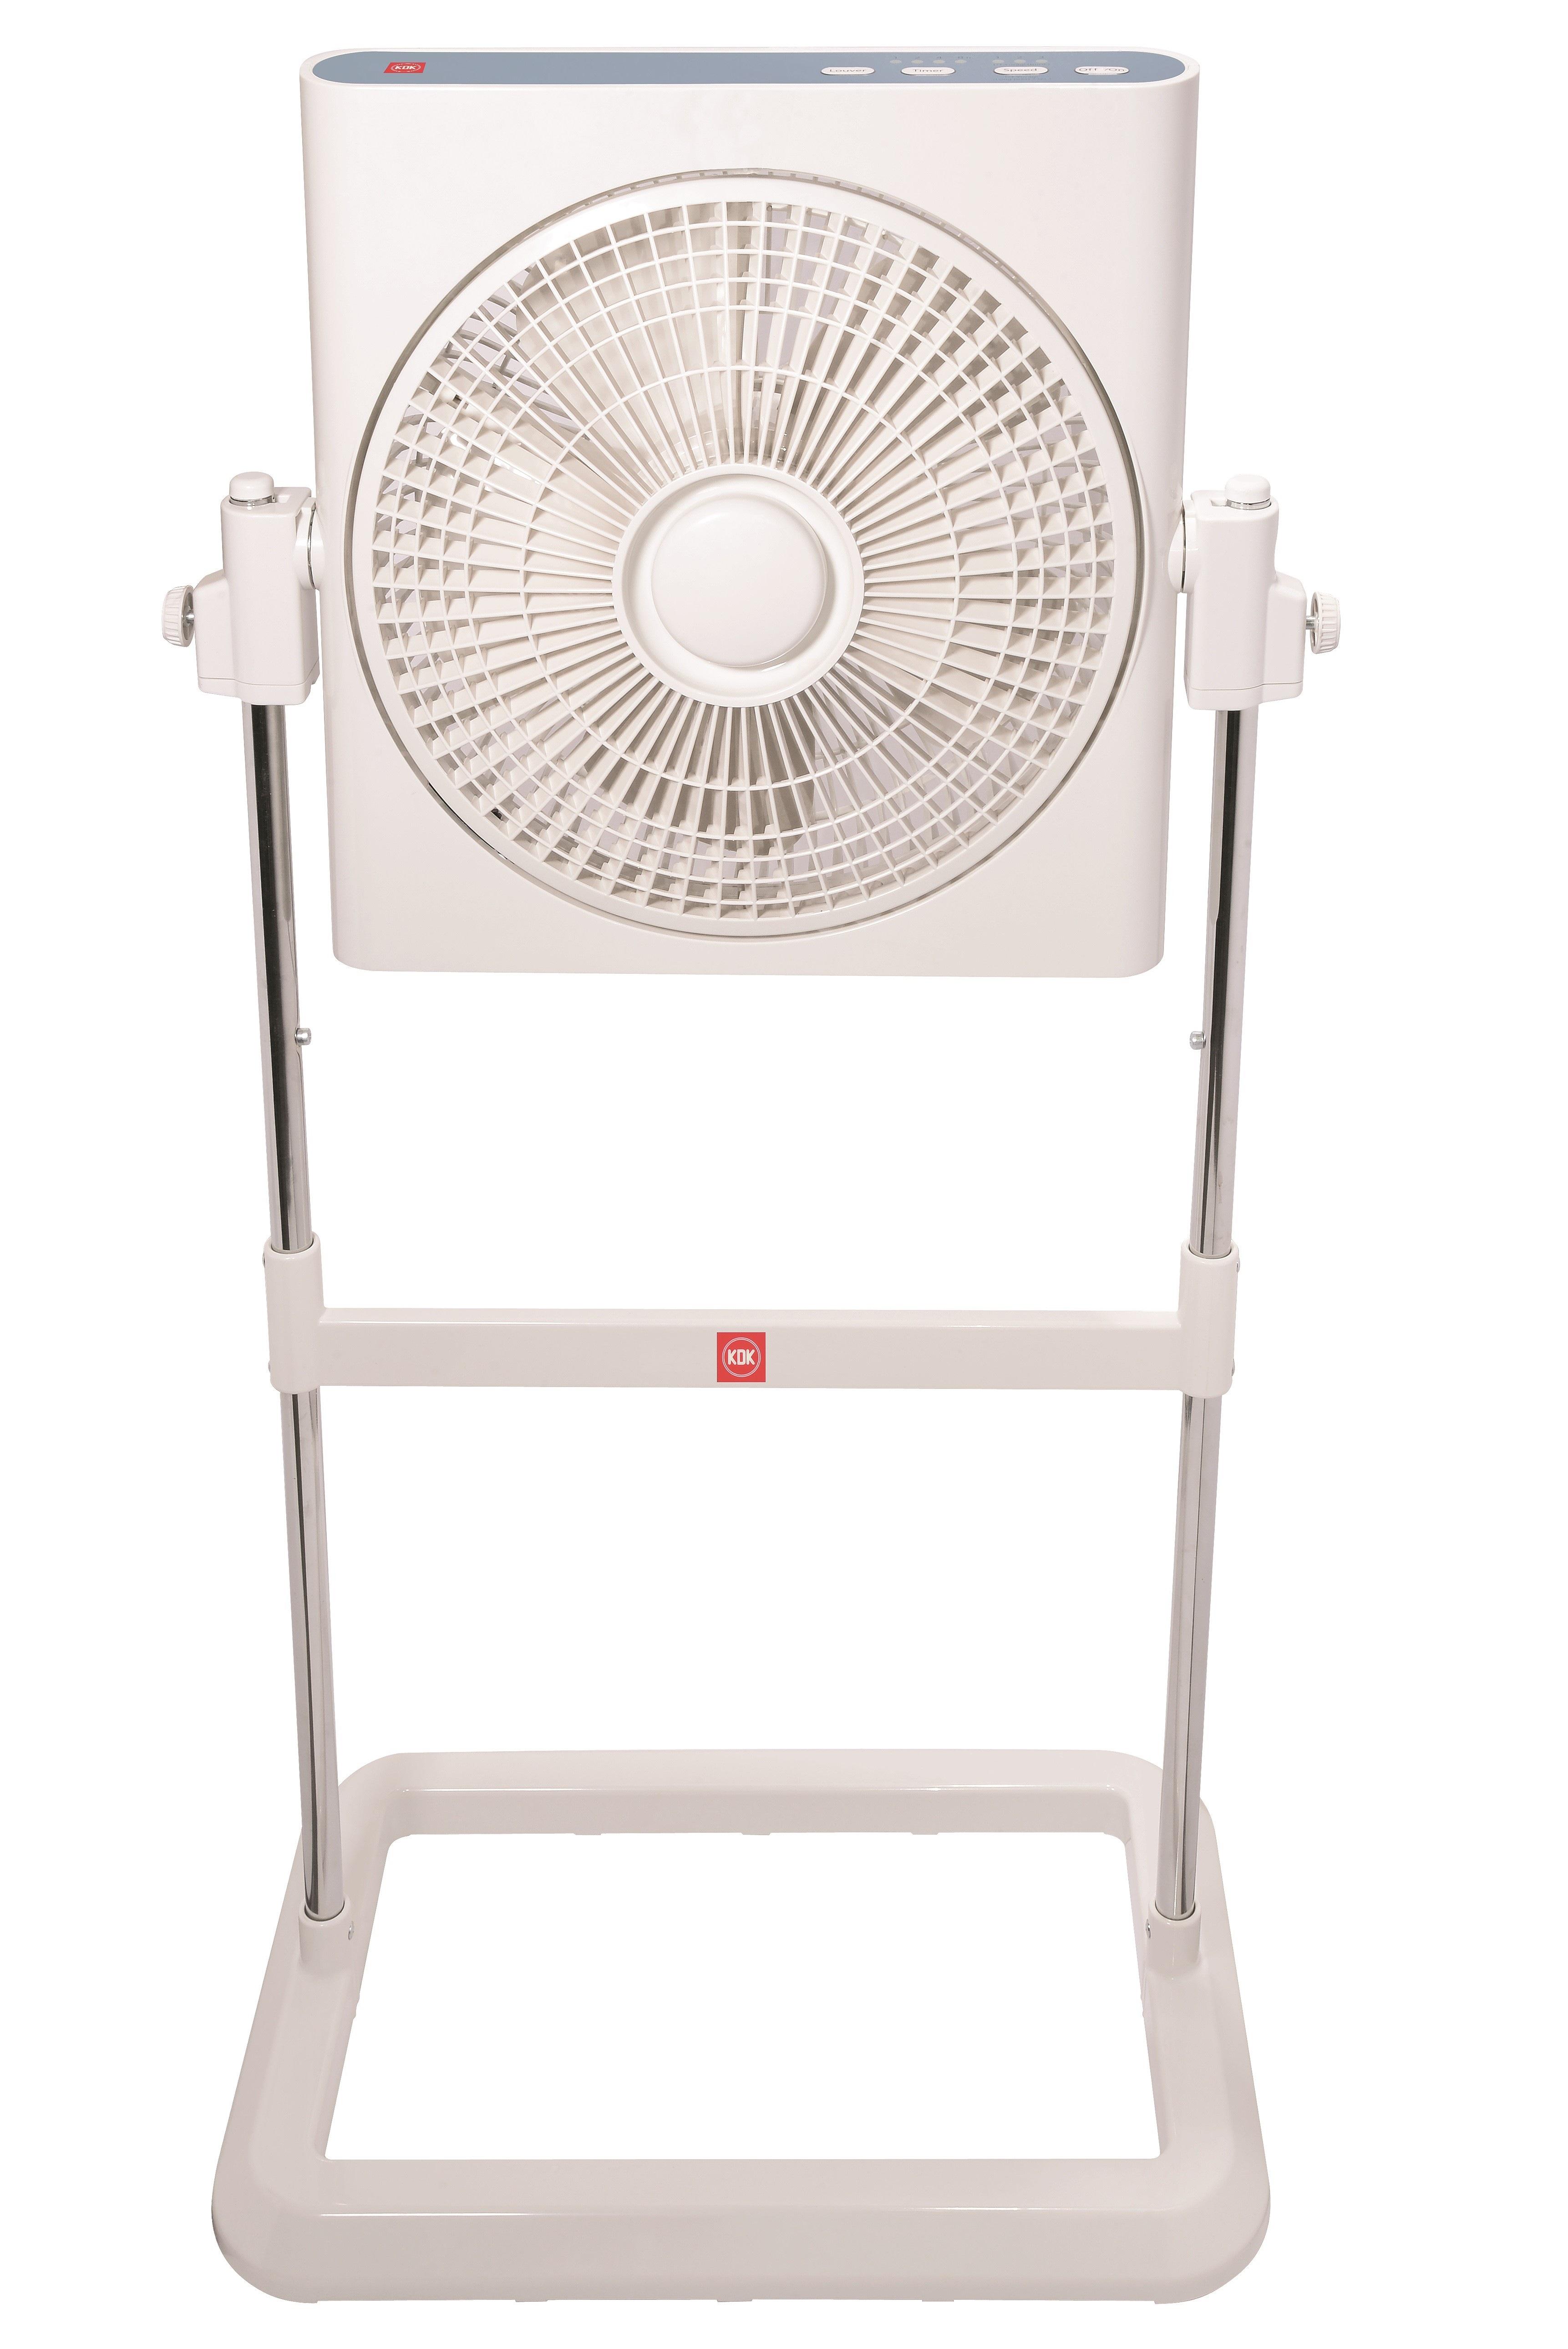 Electric Box Fan : Kdk electric box fan ss h without remote fans